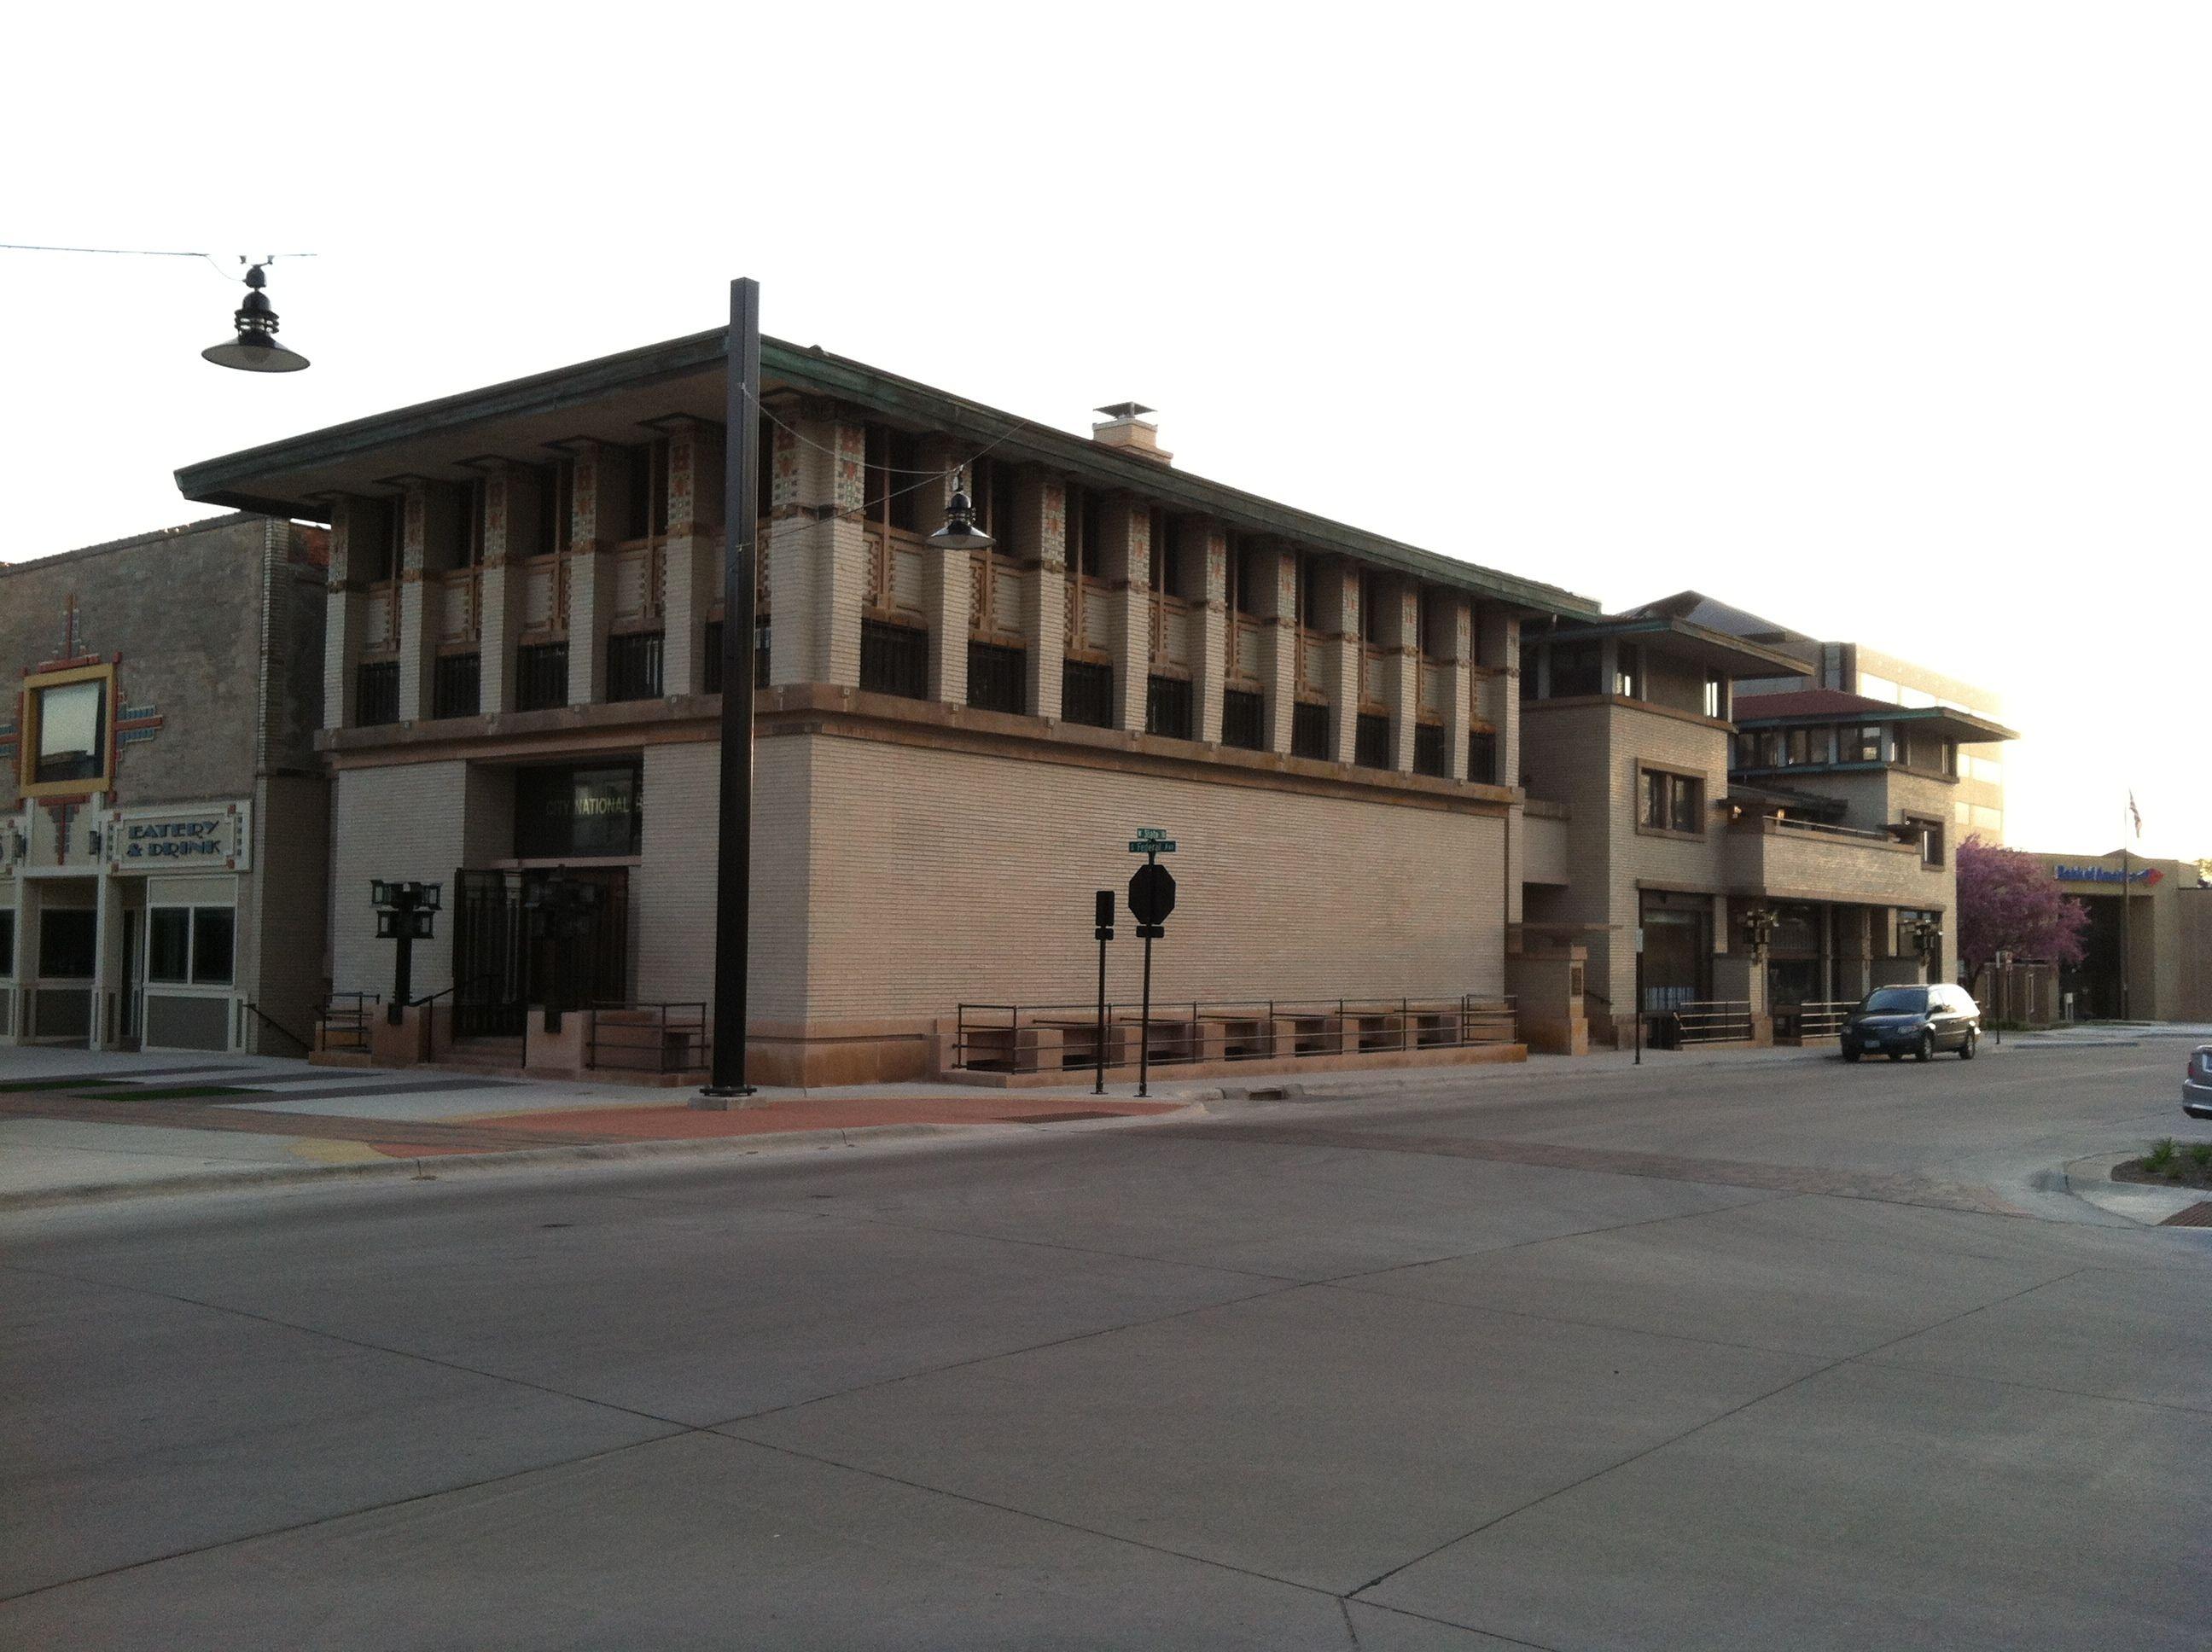 Frank Lloyd Wright Hotel reopens in Mason City, Iowa